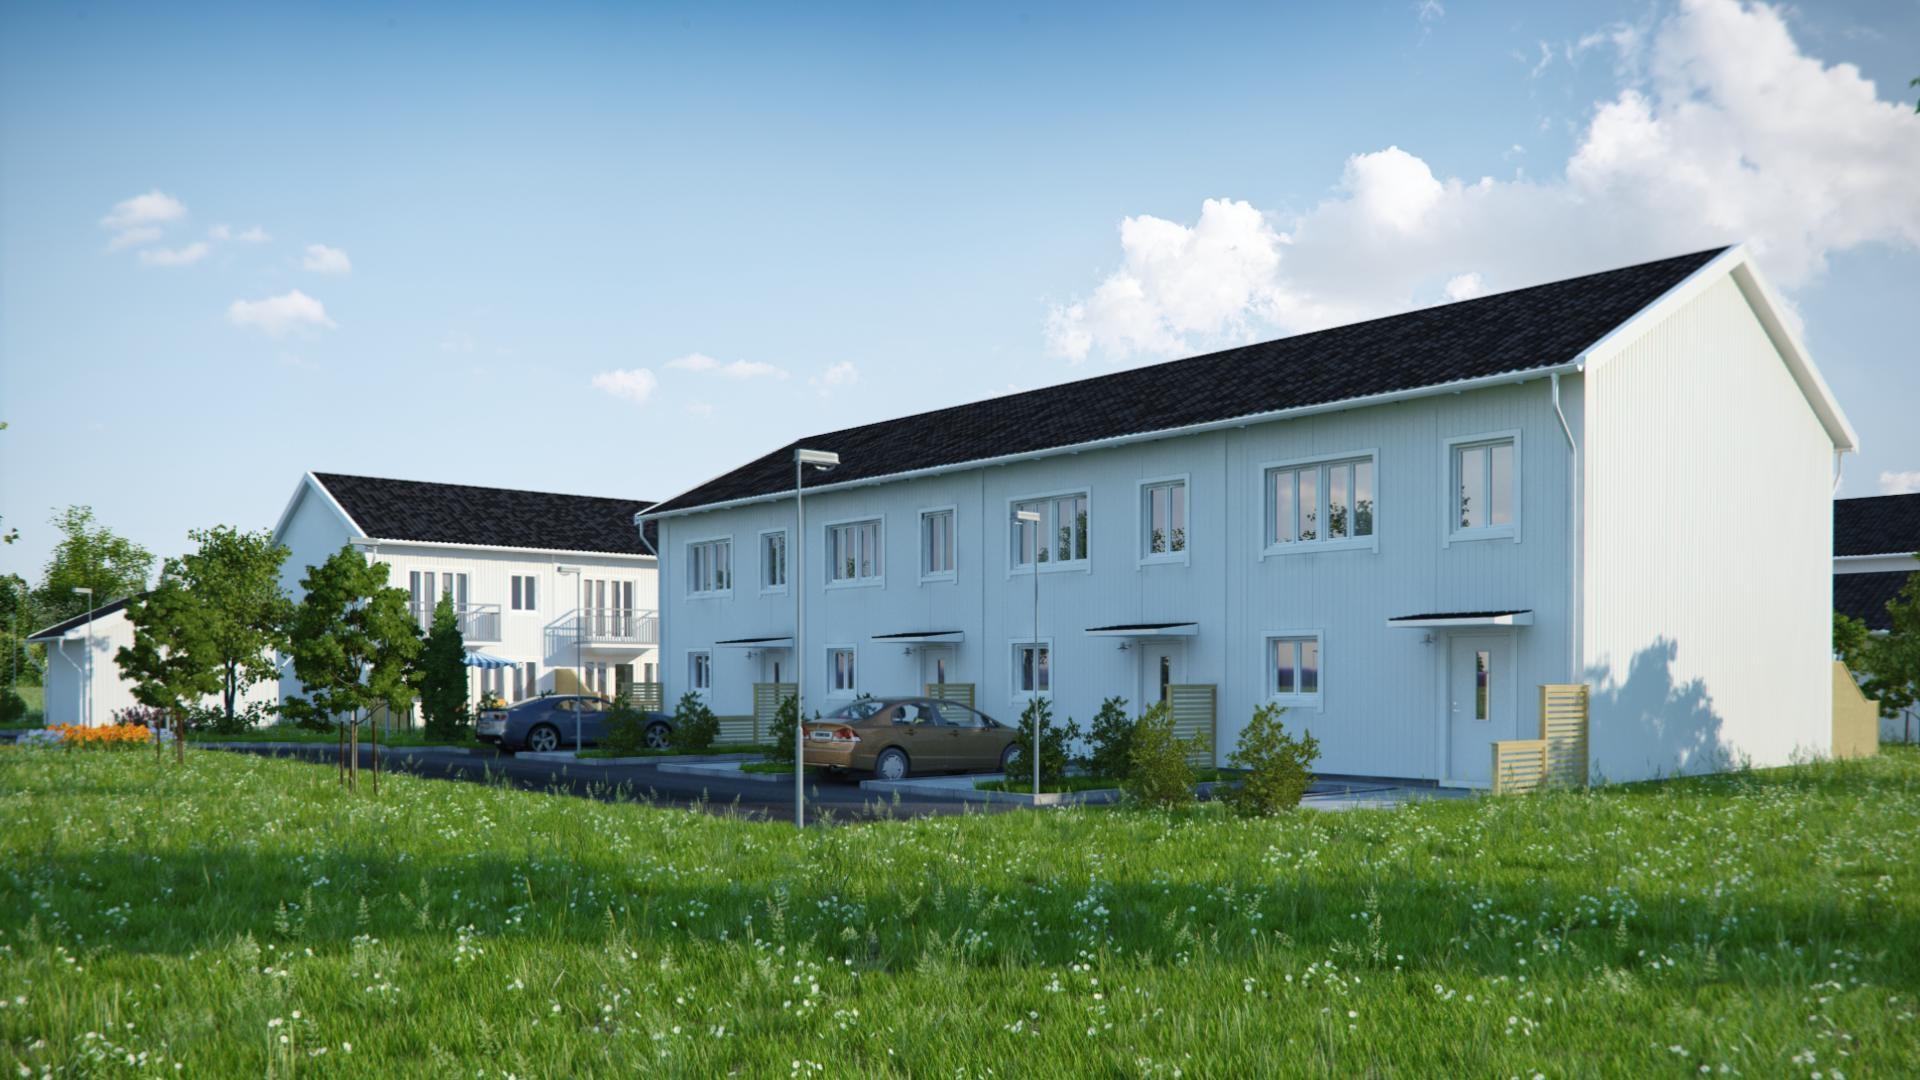 Området Södra Lindhult är ett nytt bostadsområde söder om Örebro. Området har en blandad bebyggelse med bostadsrätter, hyresrätter och villor